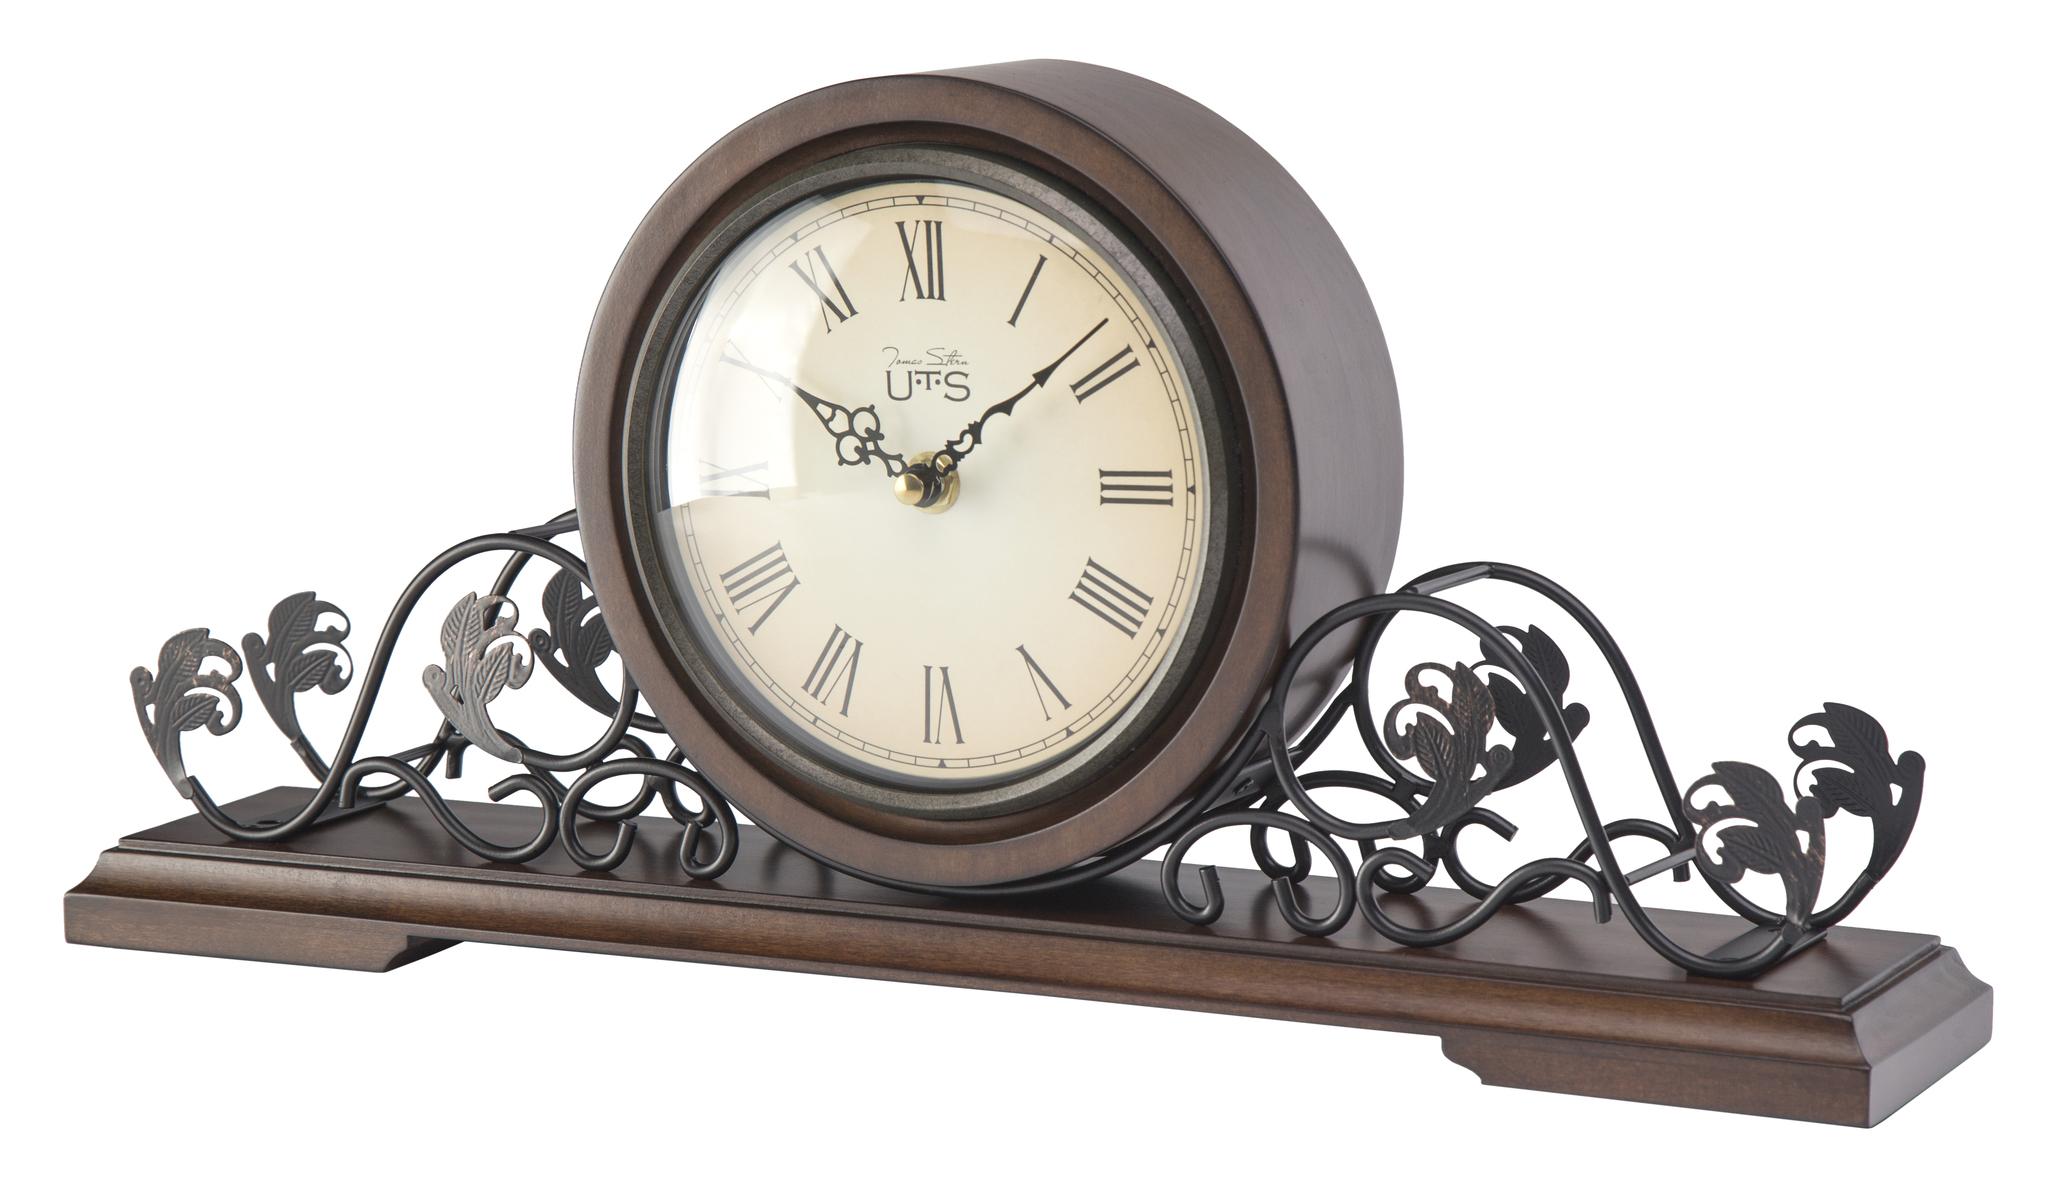 Часы настольные Часы настольные Tomas Stern 9030 chasy-nastolnye-tomas-stern-9030-germaniya.jpg